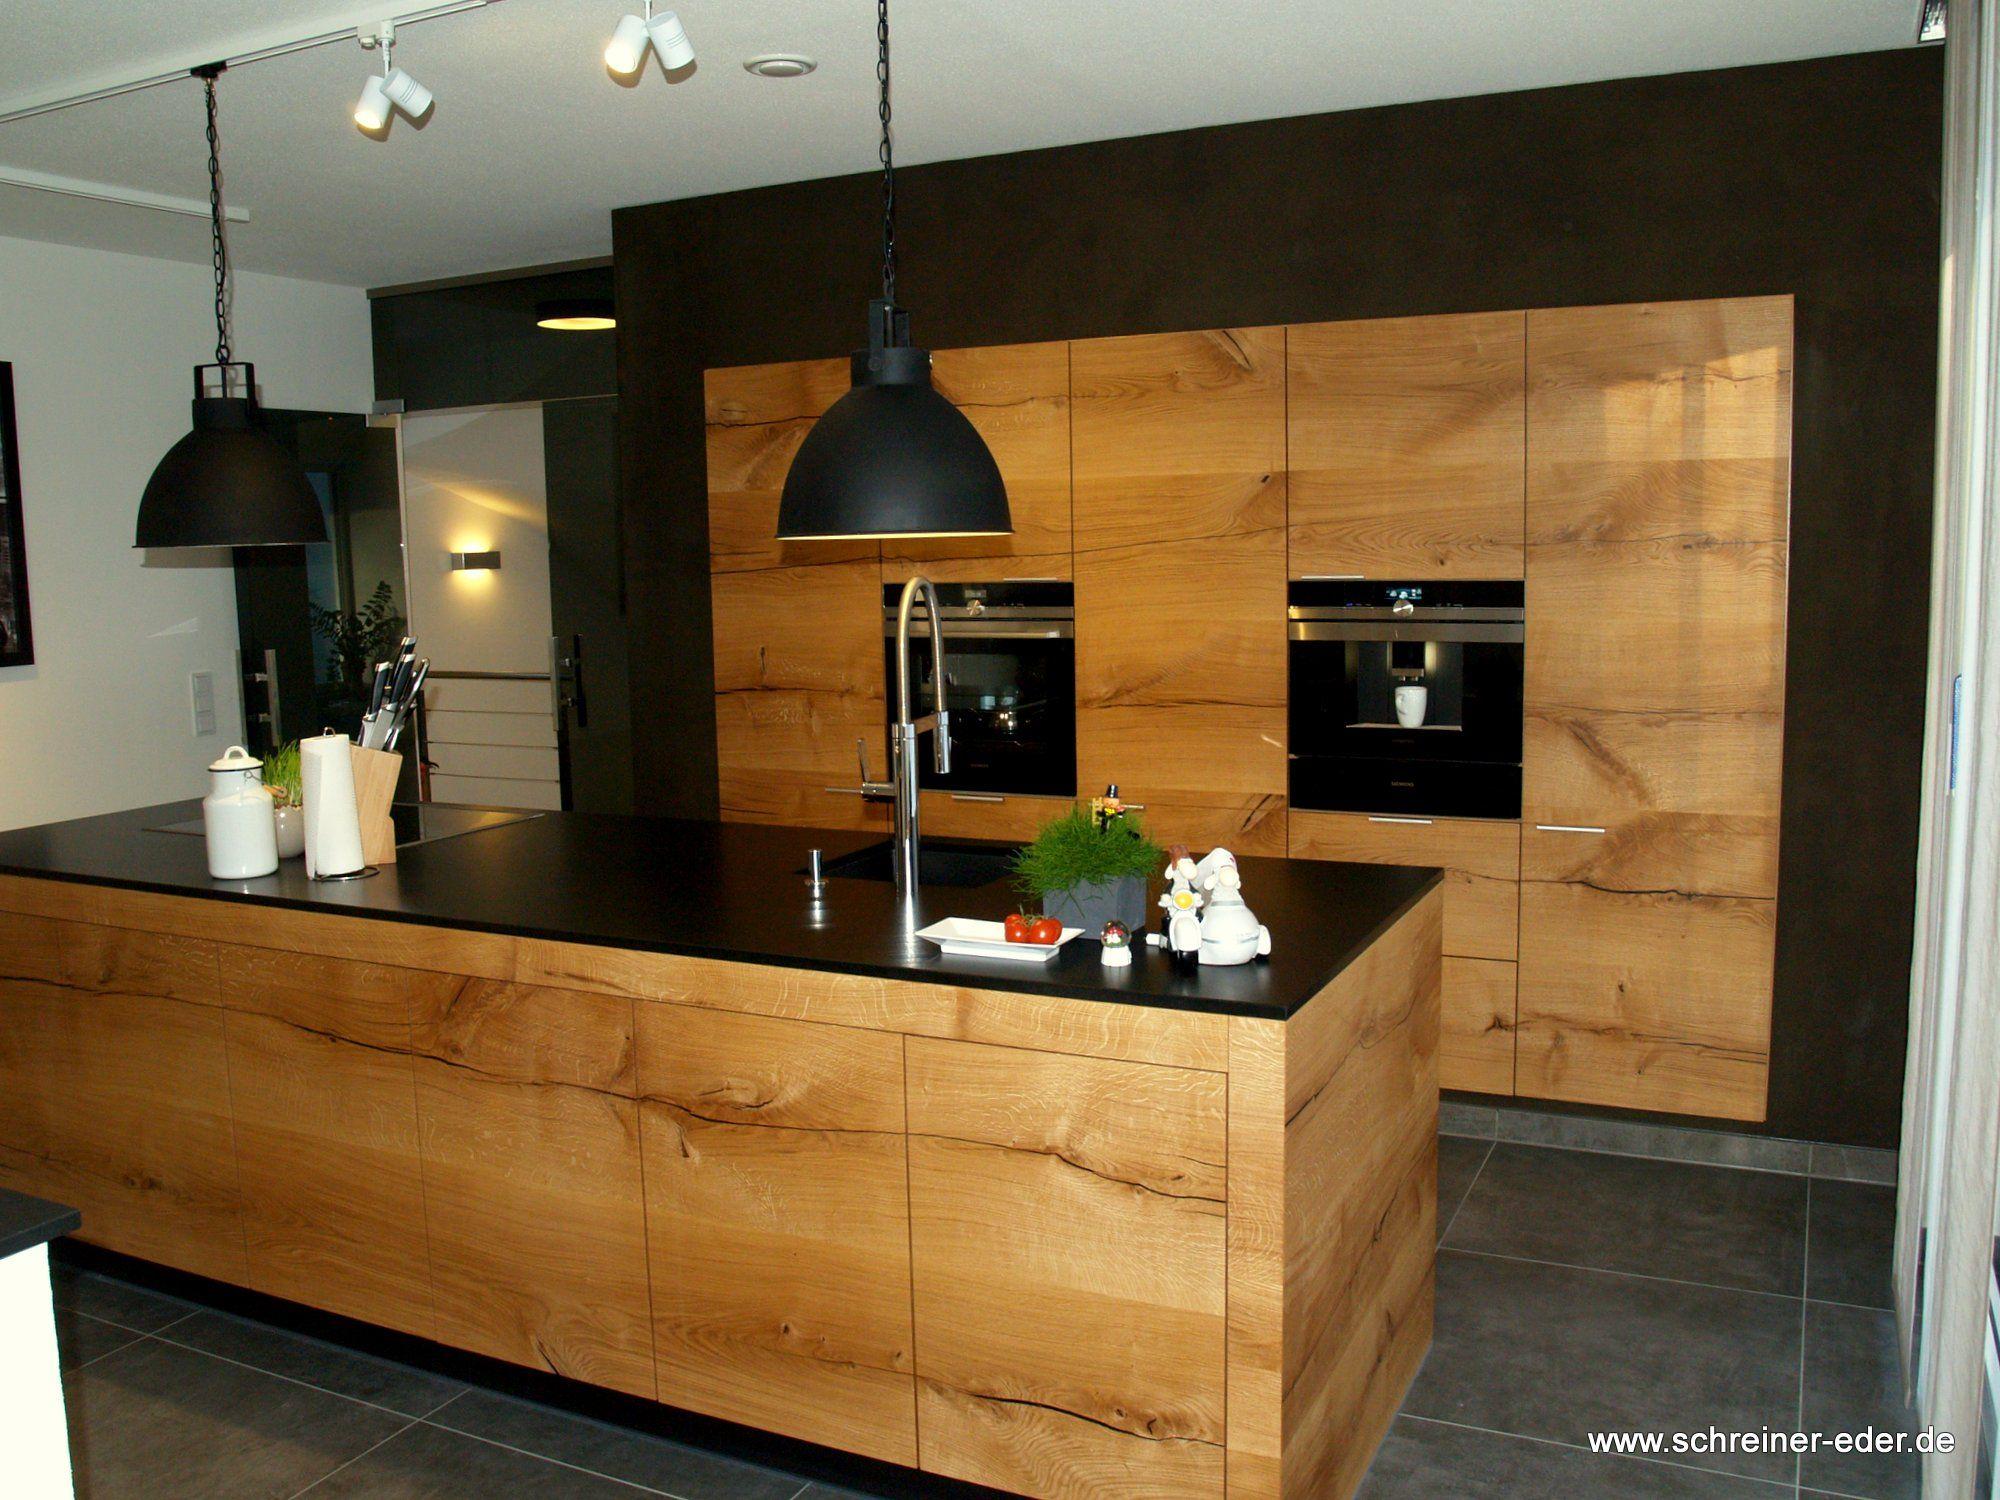 Full Size of Massivholzkchen Abverkauf Moderne Massivholzkche Was Kostet Eine Küchen Regal Inselküche Bad Wohnzimmer Walden Küchen Abverkauf